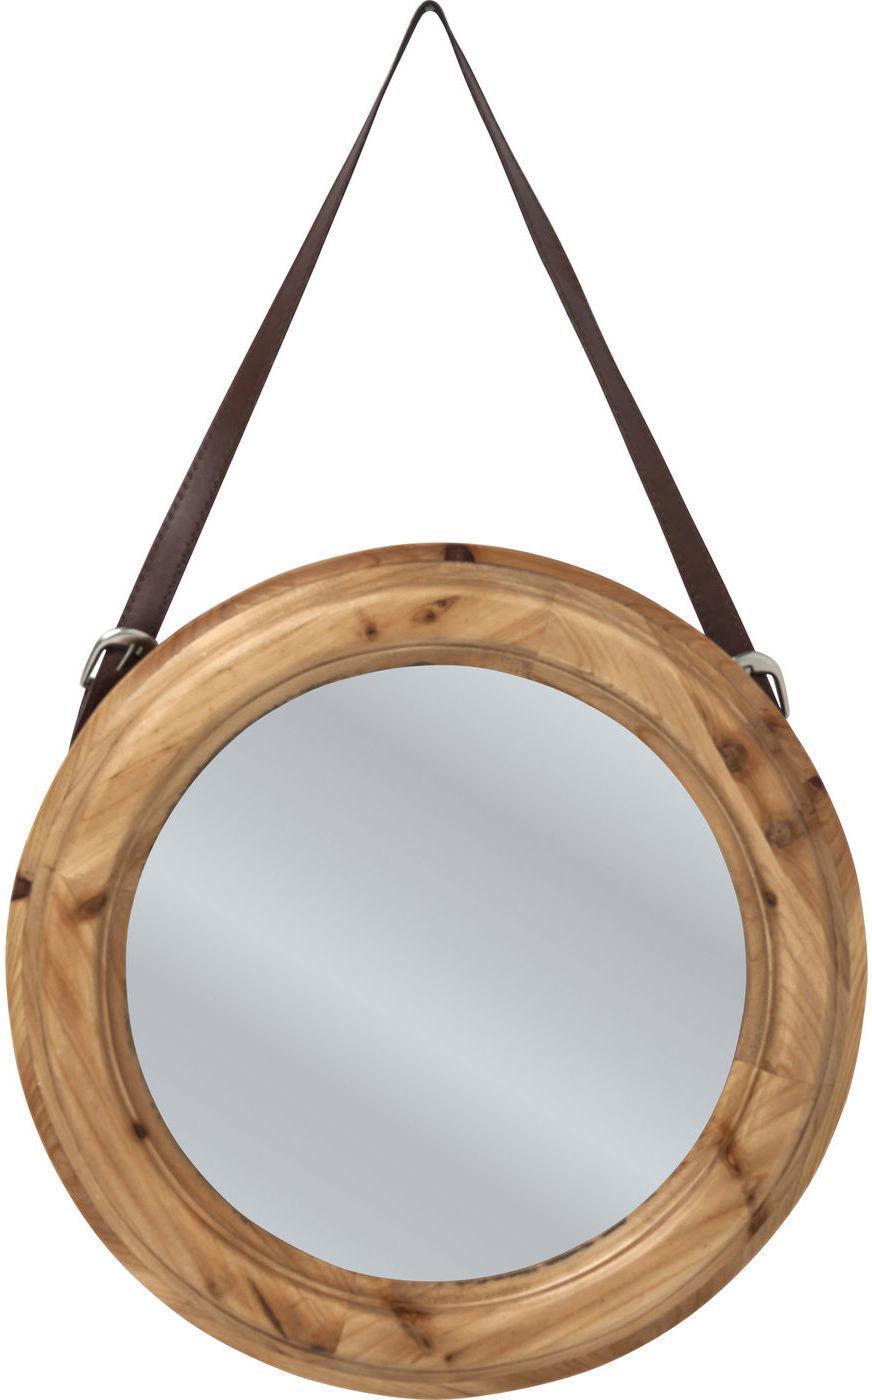 kare design spiegel western style big. Black Bedroom Furniture Sets. Home Design Ideas